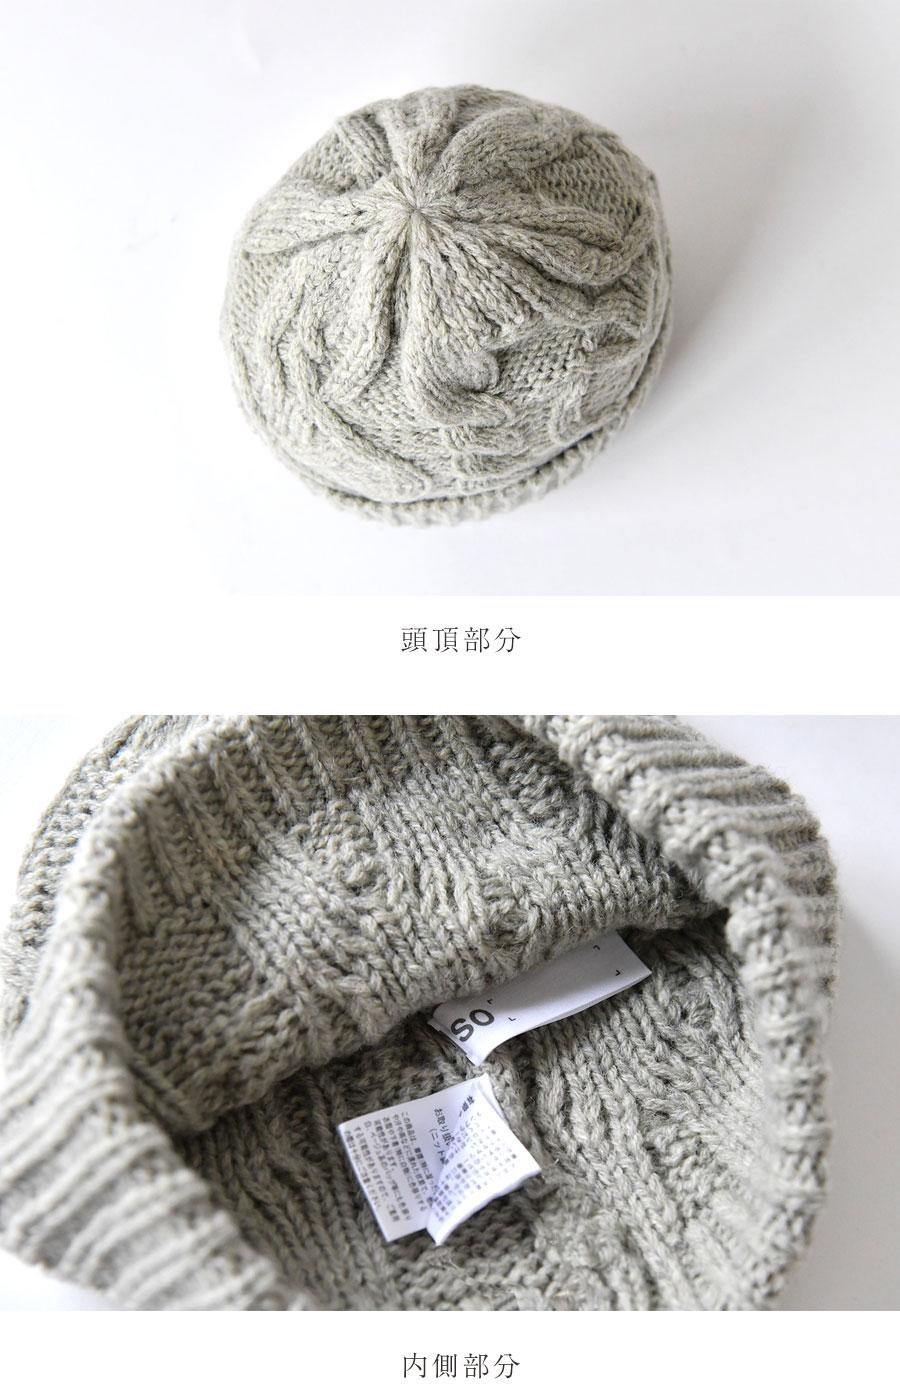 【SO エスオー】ウール アクリル アラン柄 ニット帽  (sb-0812)